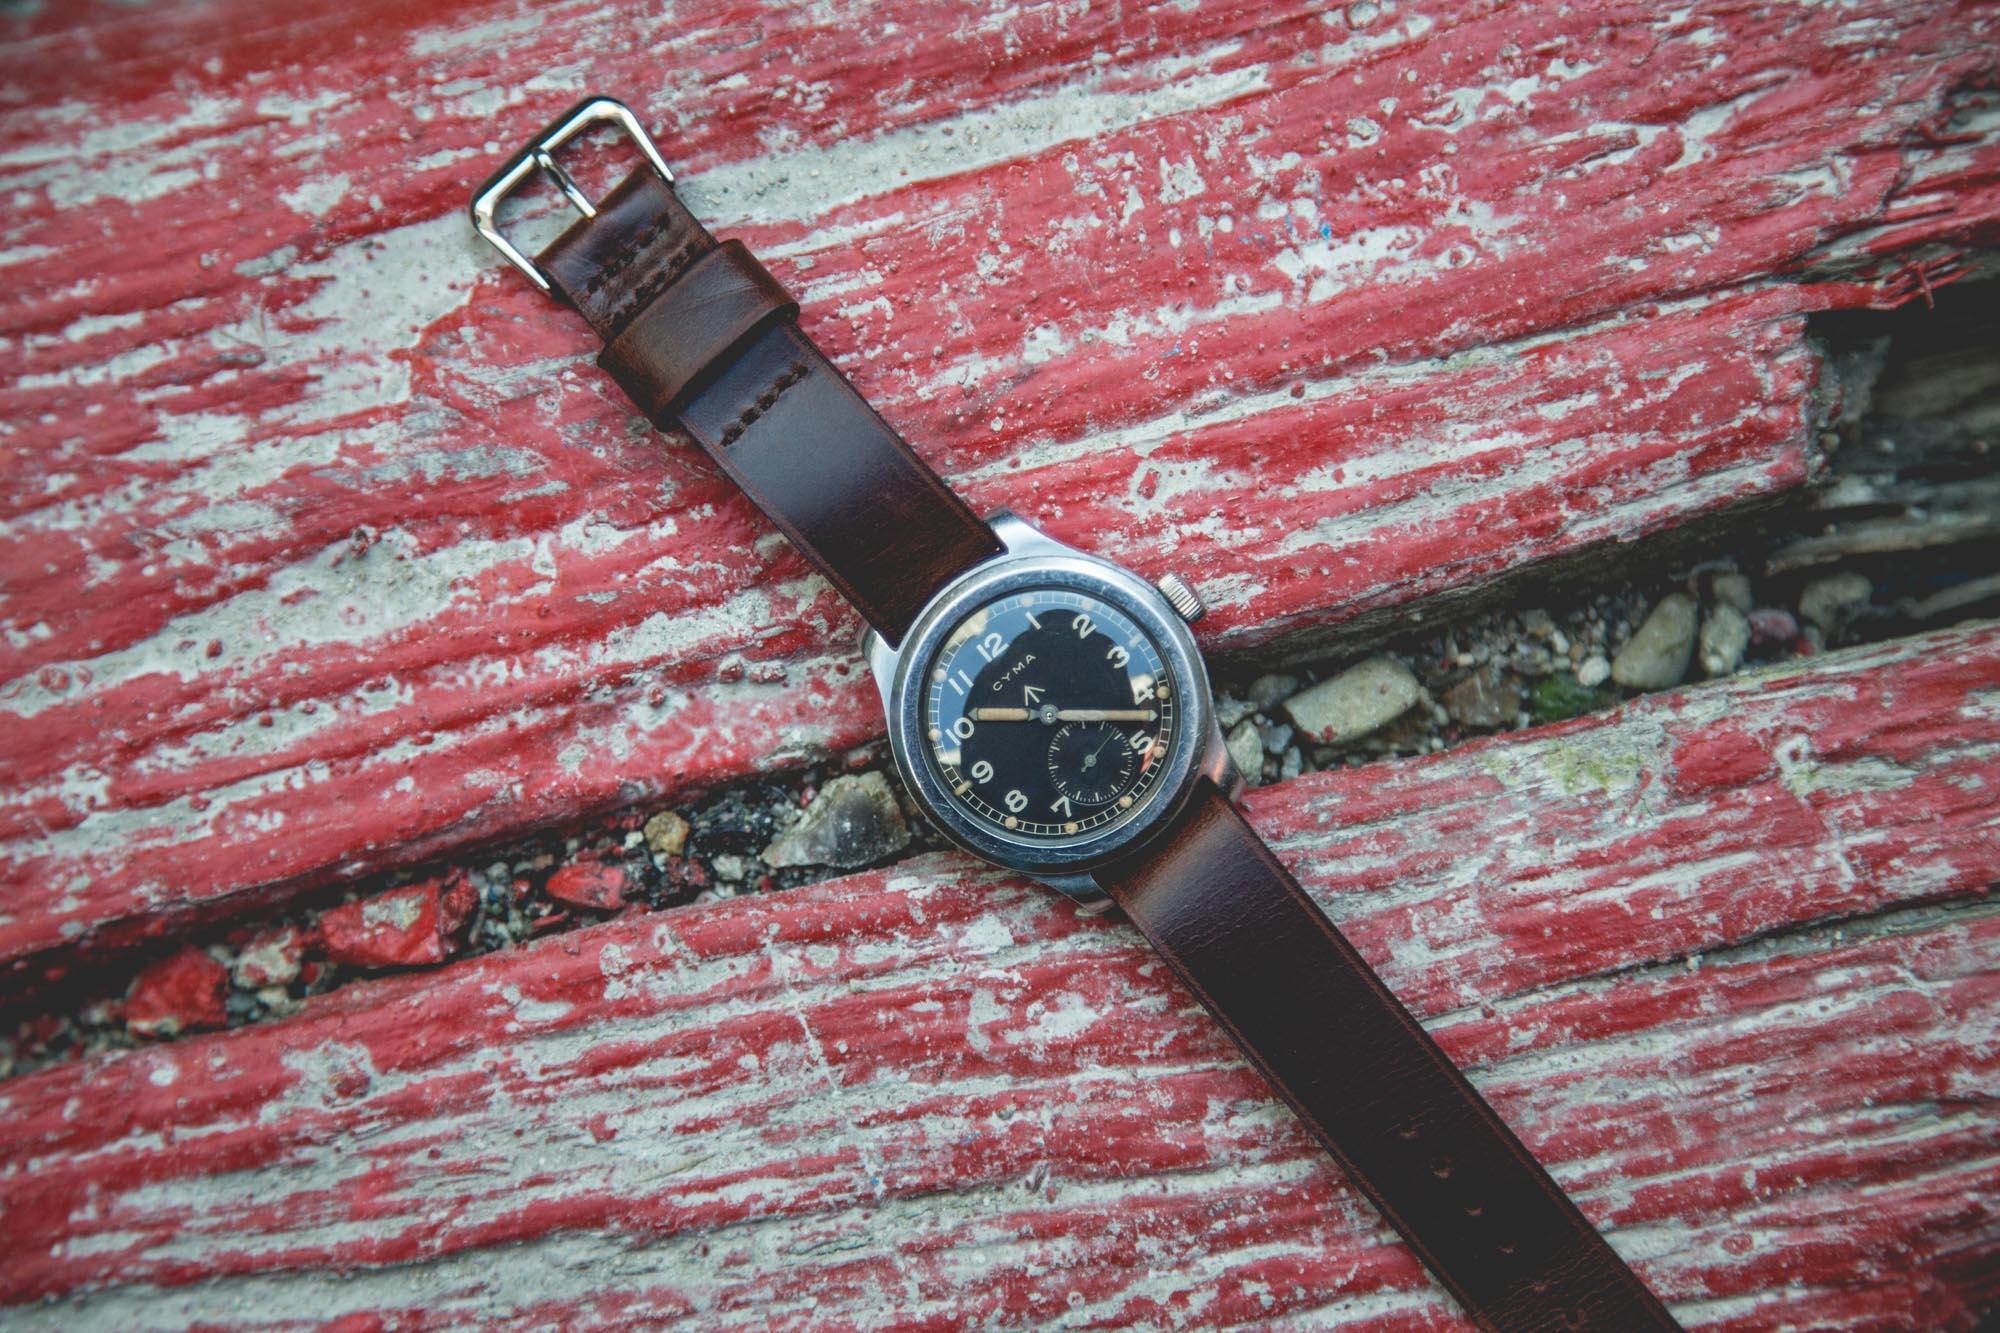 Joseph Bonnie - Bracelet de montre U.S. Military - CYMA W.W.W. Mark X